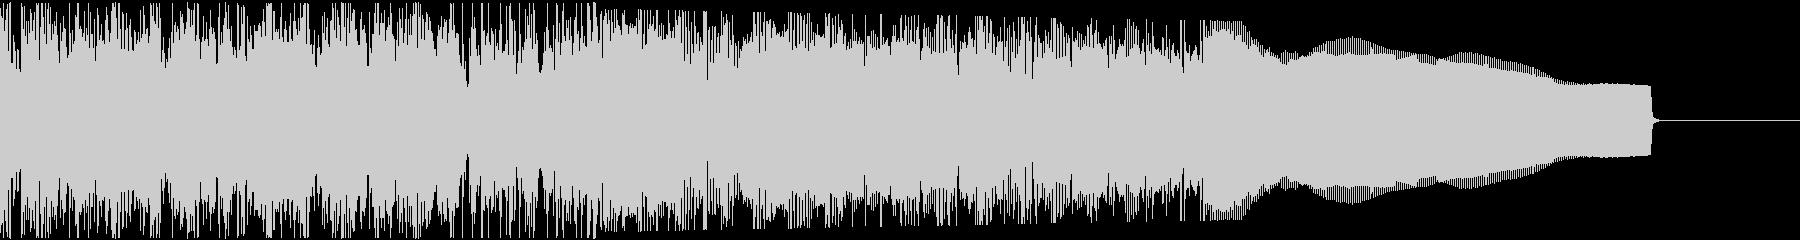 カントリー風ギターイントロ−06Bの未再生の波形